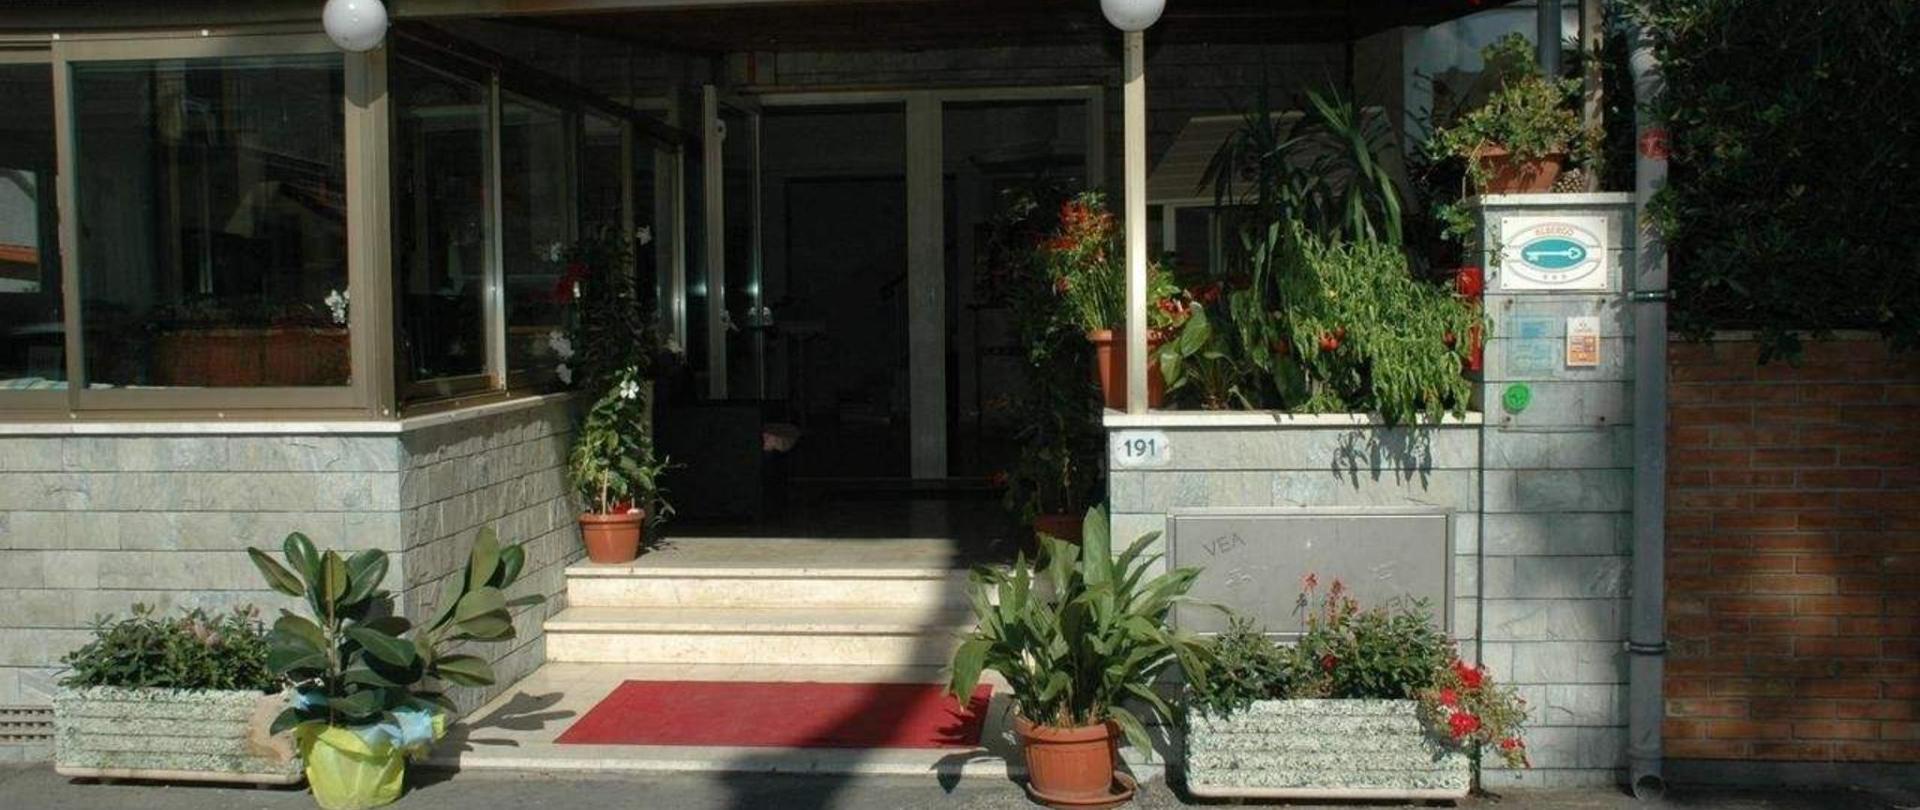 Hotel Ristorante La Terrazza - Lido di Camaiore - Italy